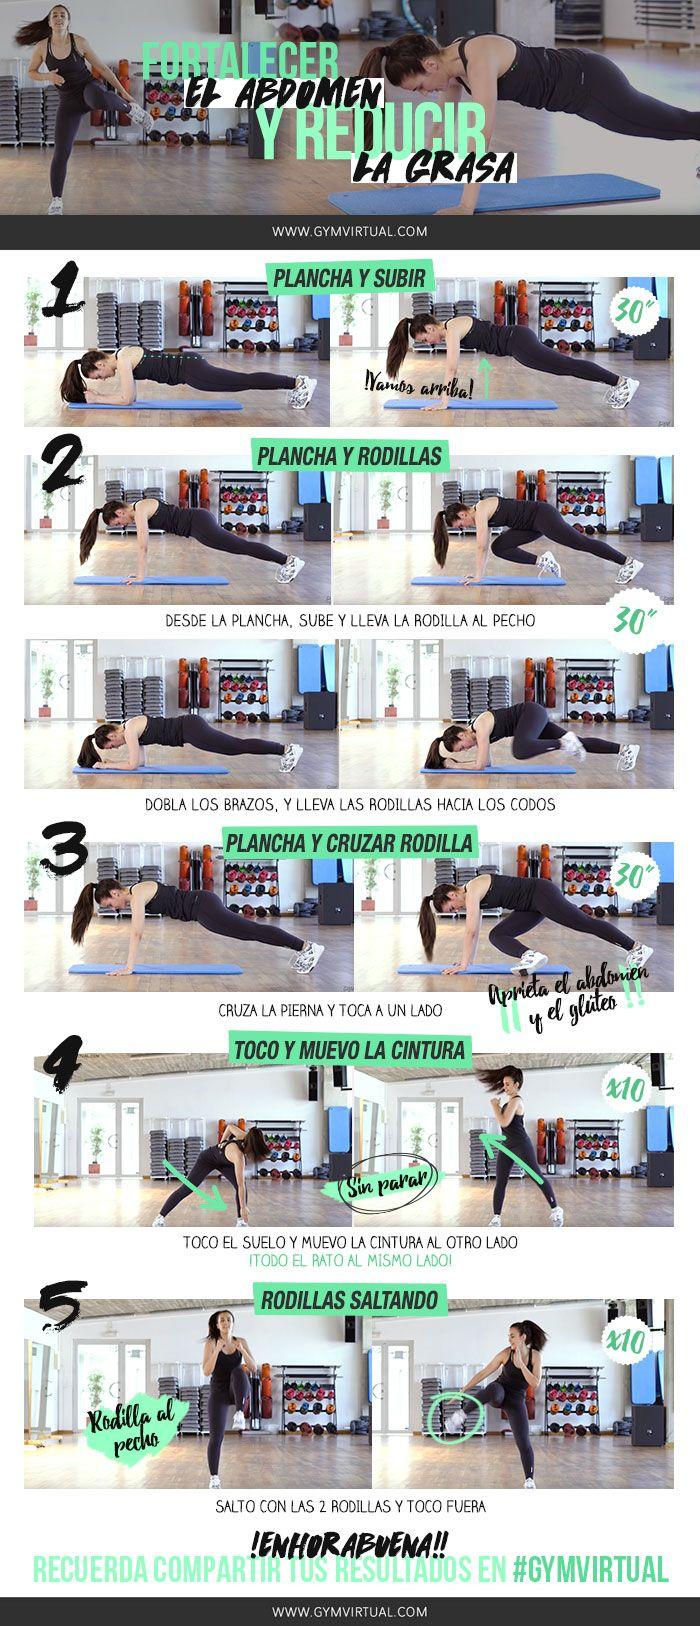 Hoy os traigo una rutina paso a paso para fortalecer el abdomen y reducir la grasa. Son solo 5 ejercicios que podéis hacer en menos de 10 minutos.